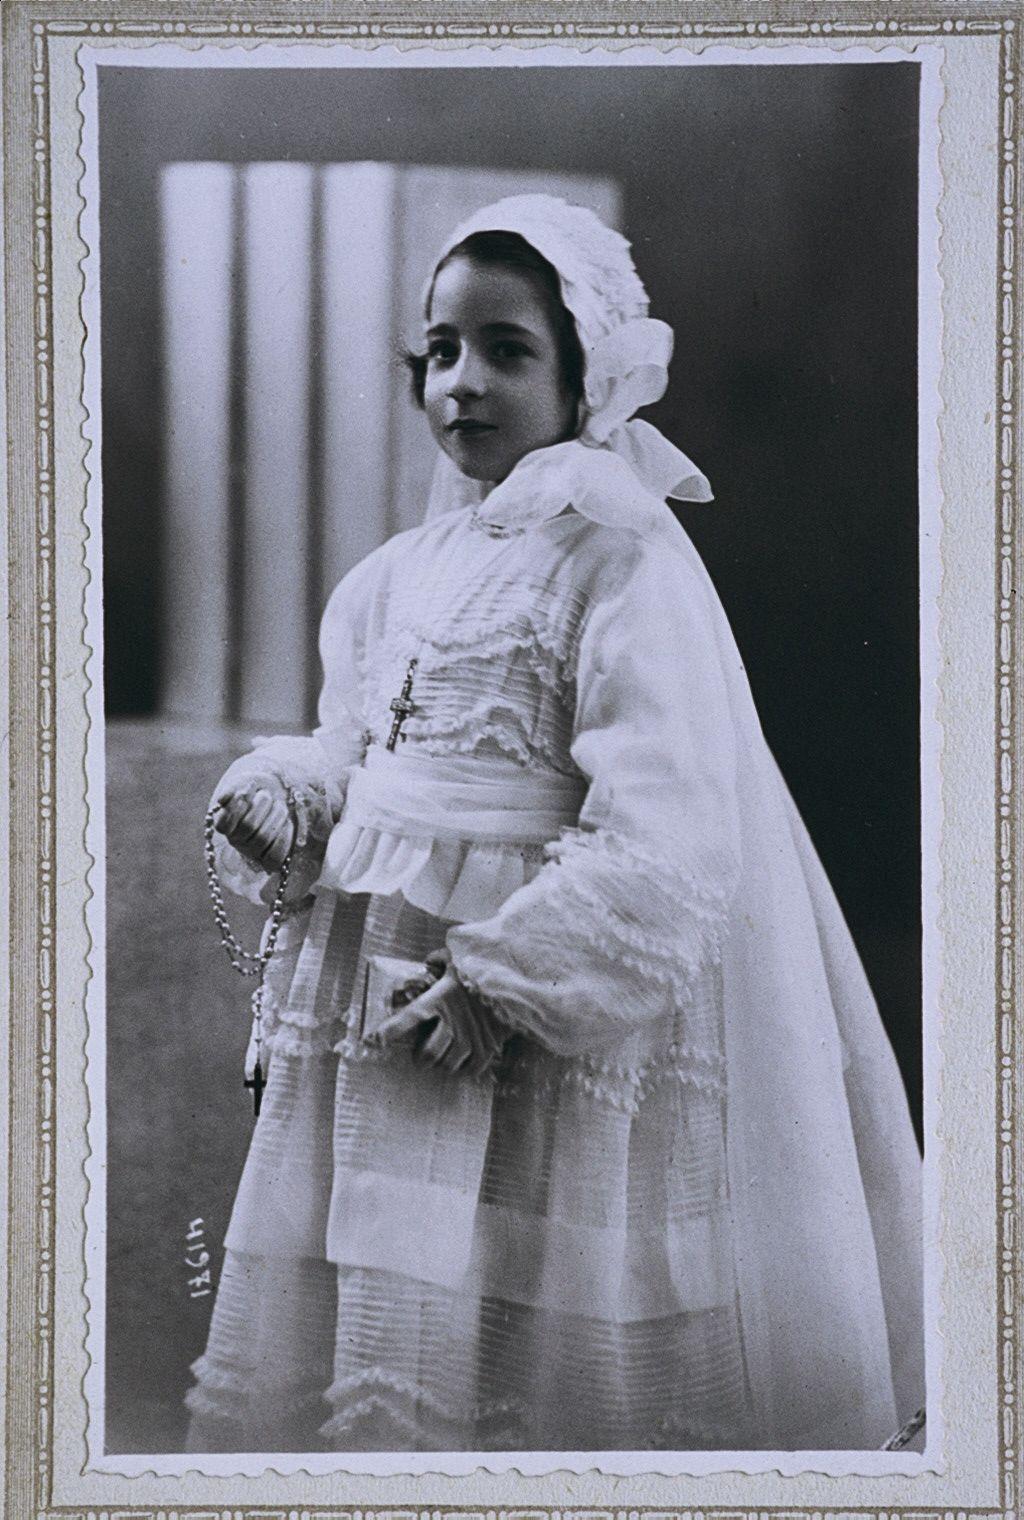 Garbiñe Gisasola. Data: 1940